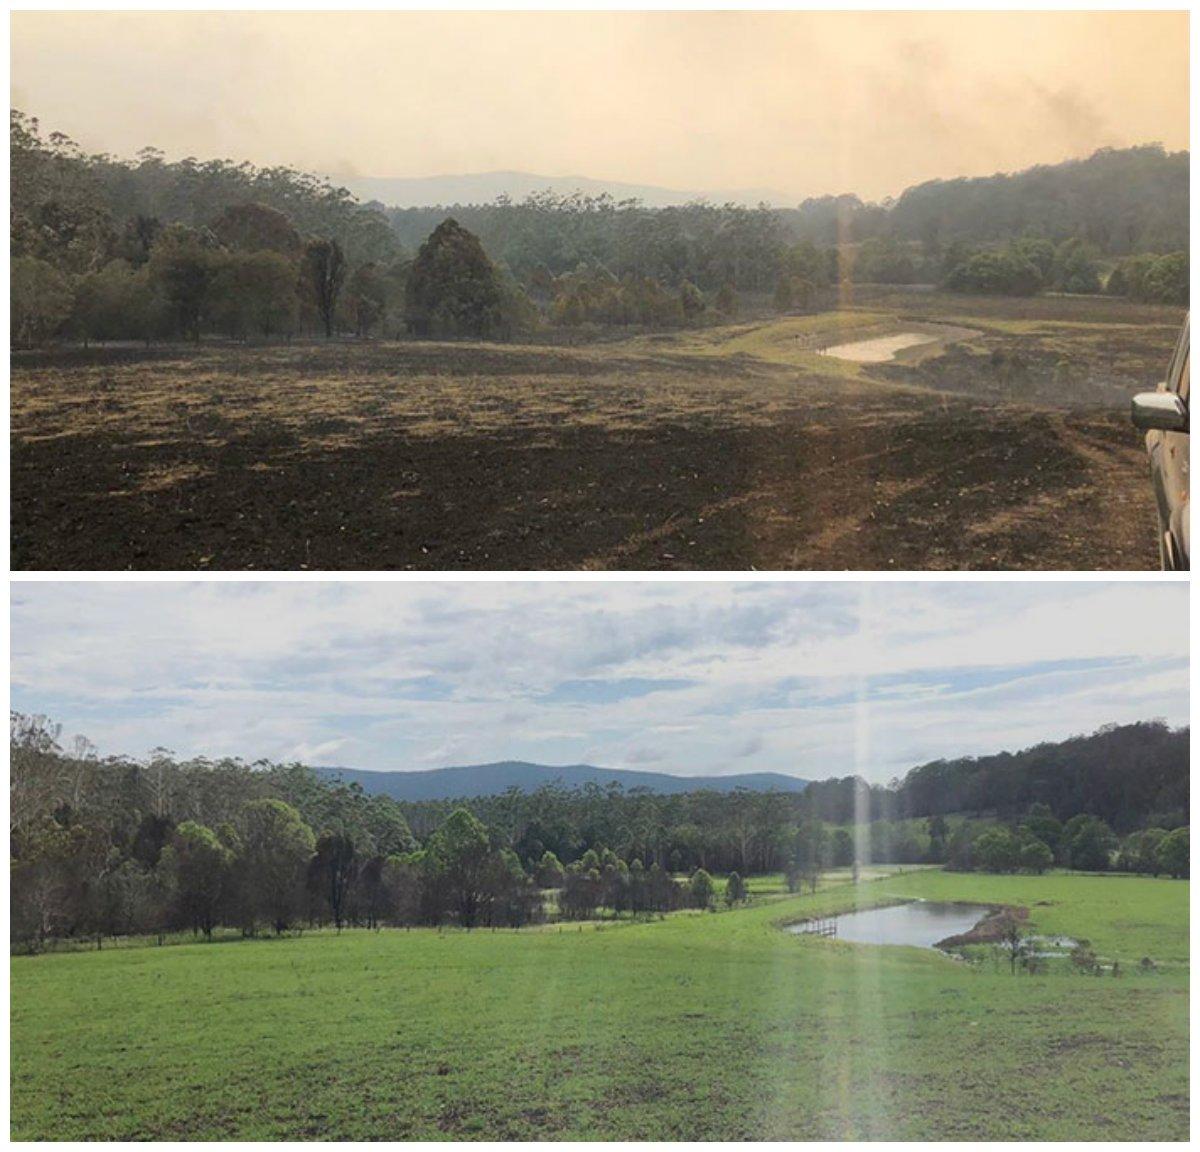 Как сгоревшие земли Австралии выглядят после недели дождя